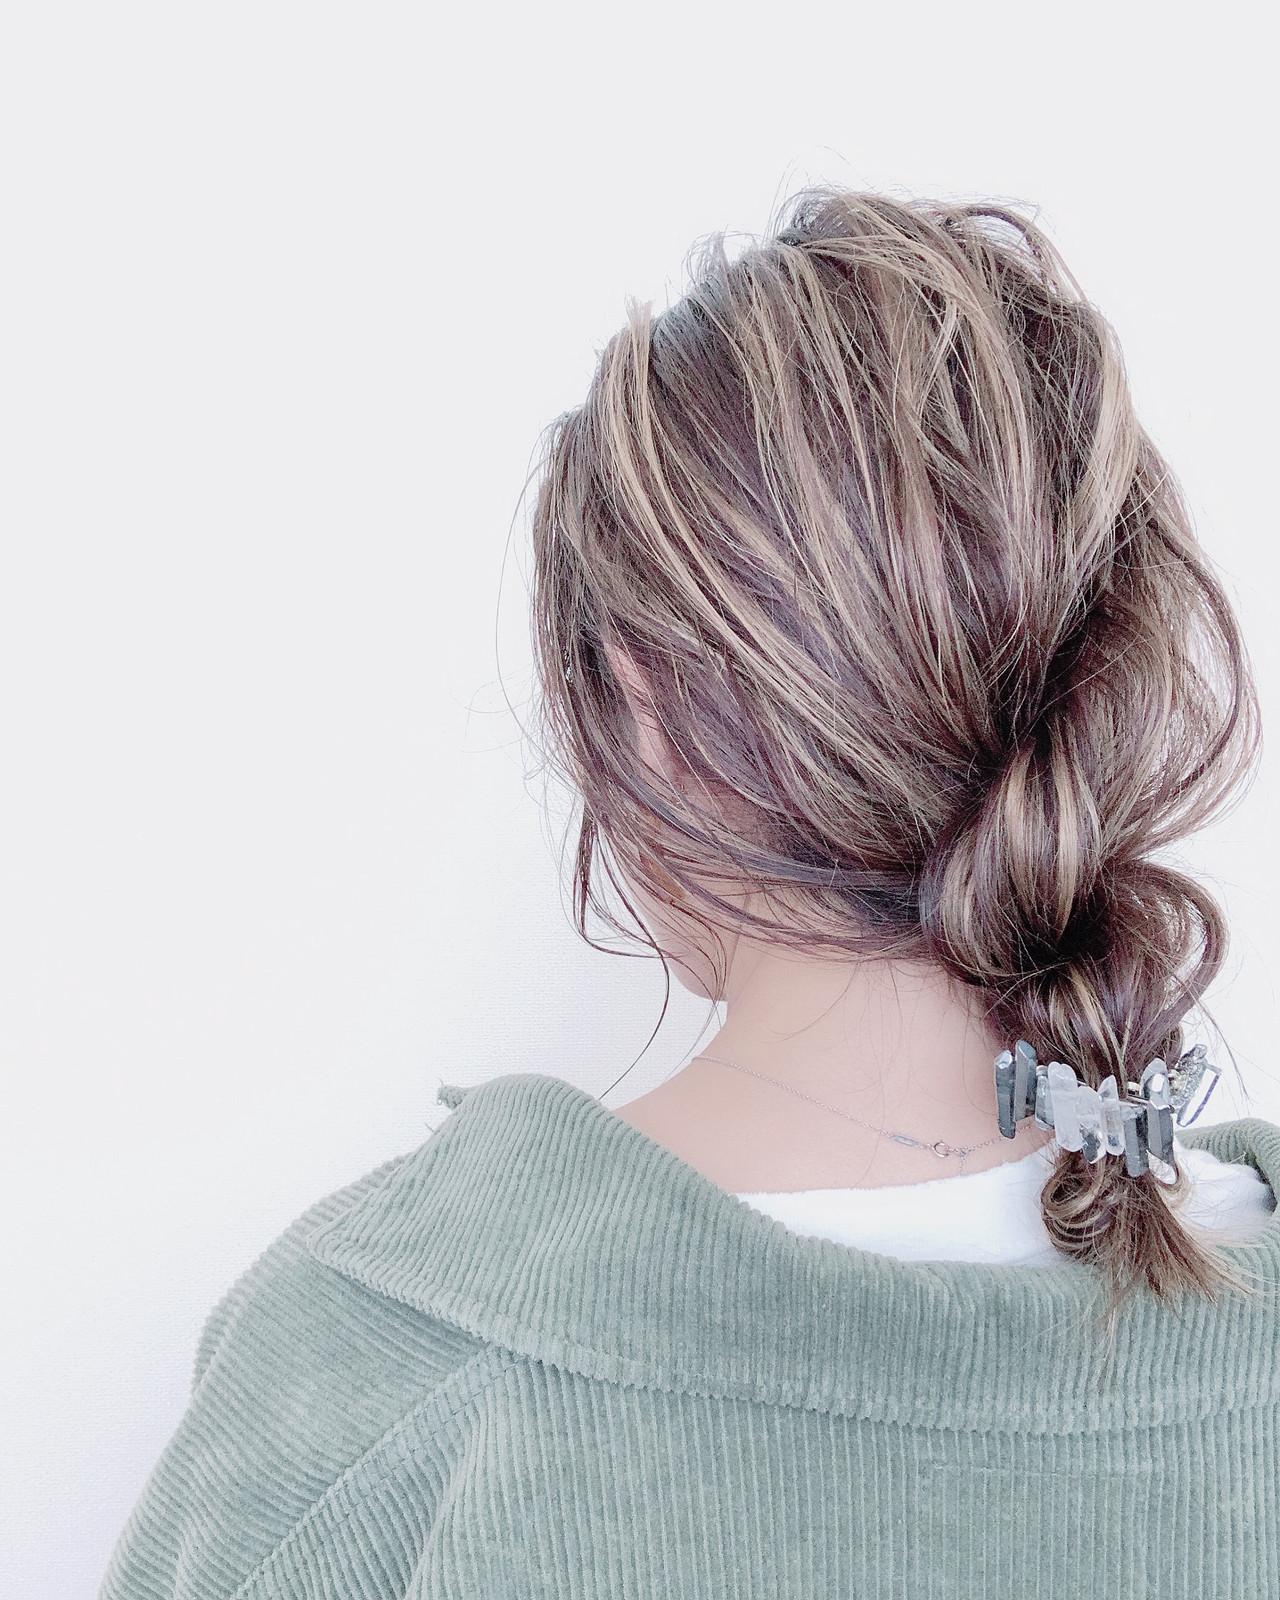 ナチュラル ロープ編み 簡単ヘアアレンジ セルフヘアアレンジ ヘアスタイルや髪型の写真・画像